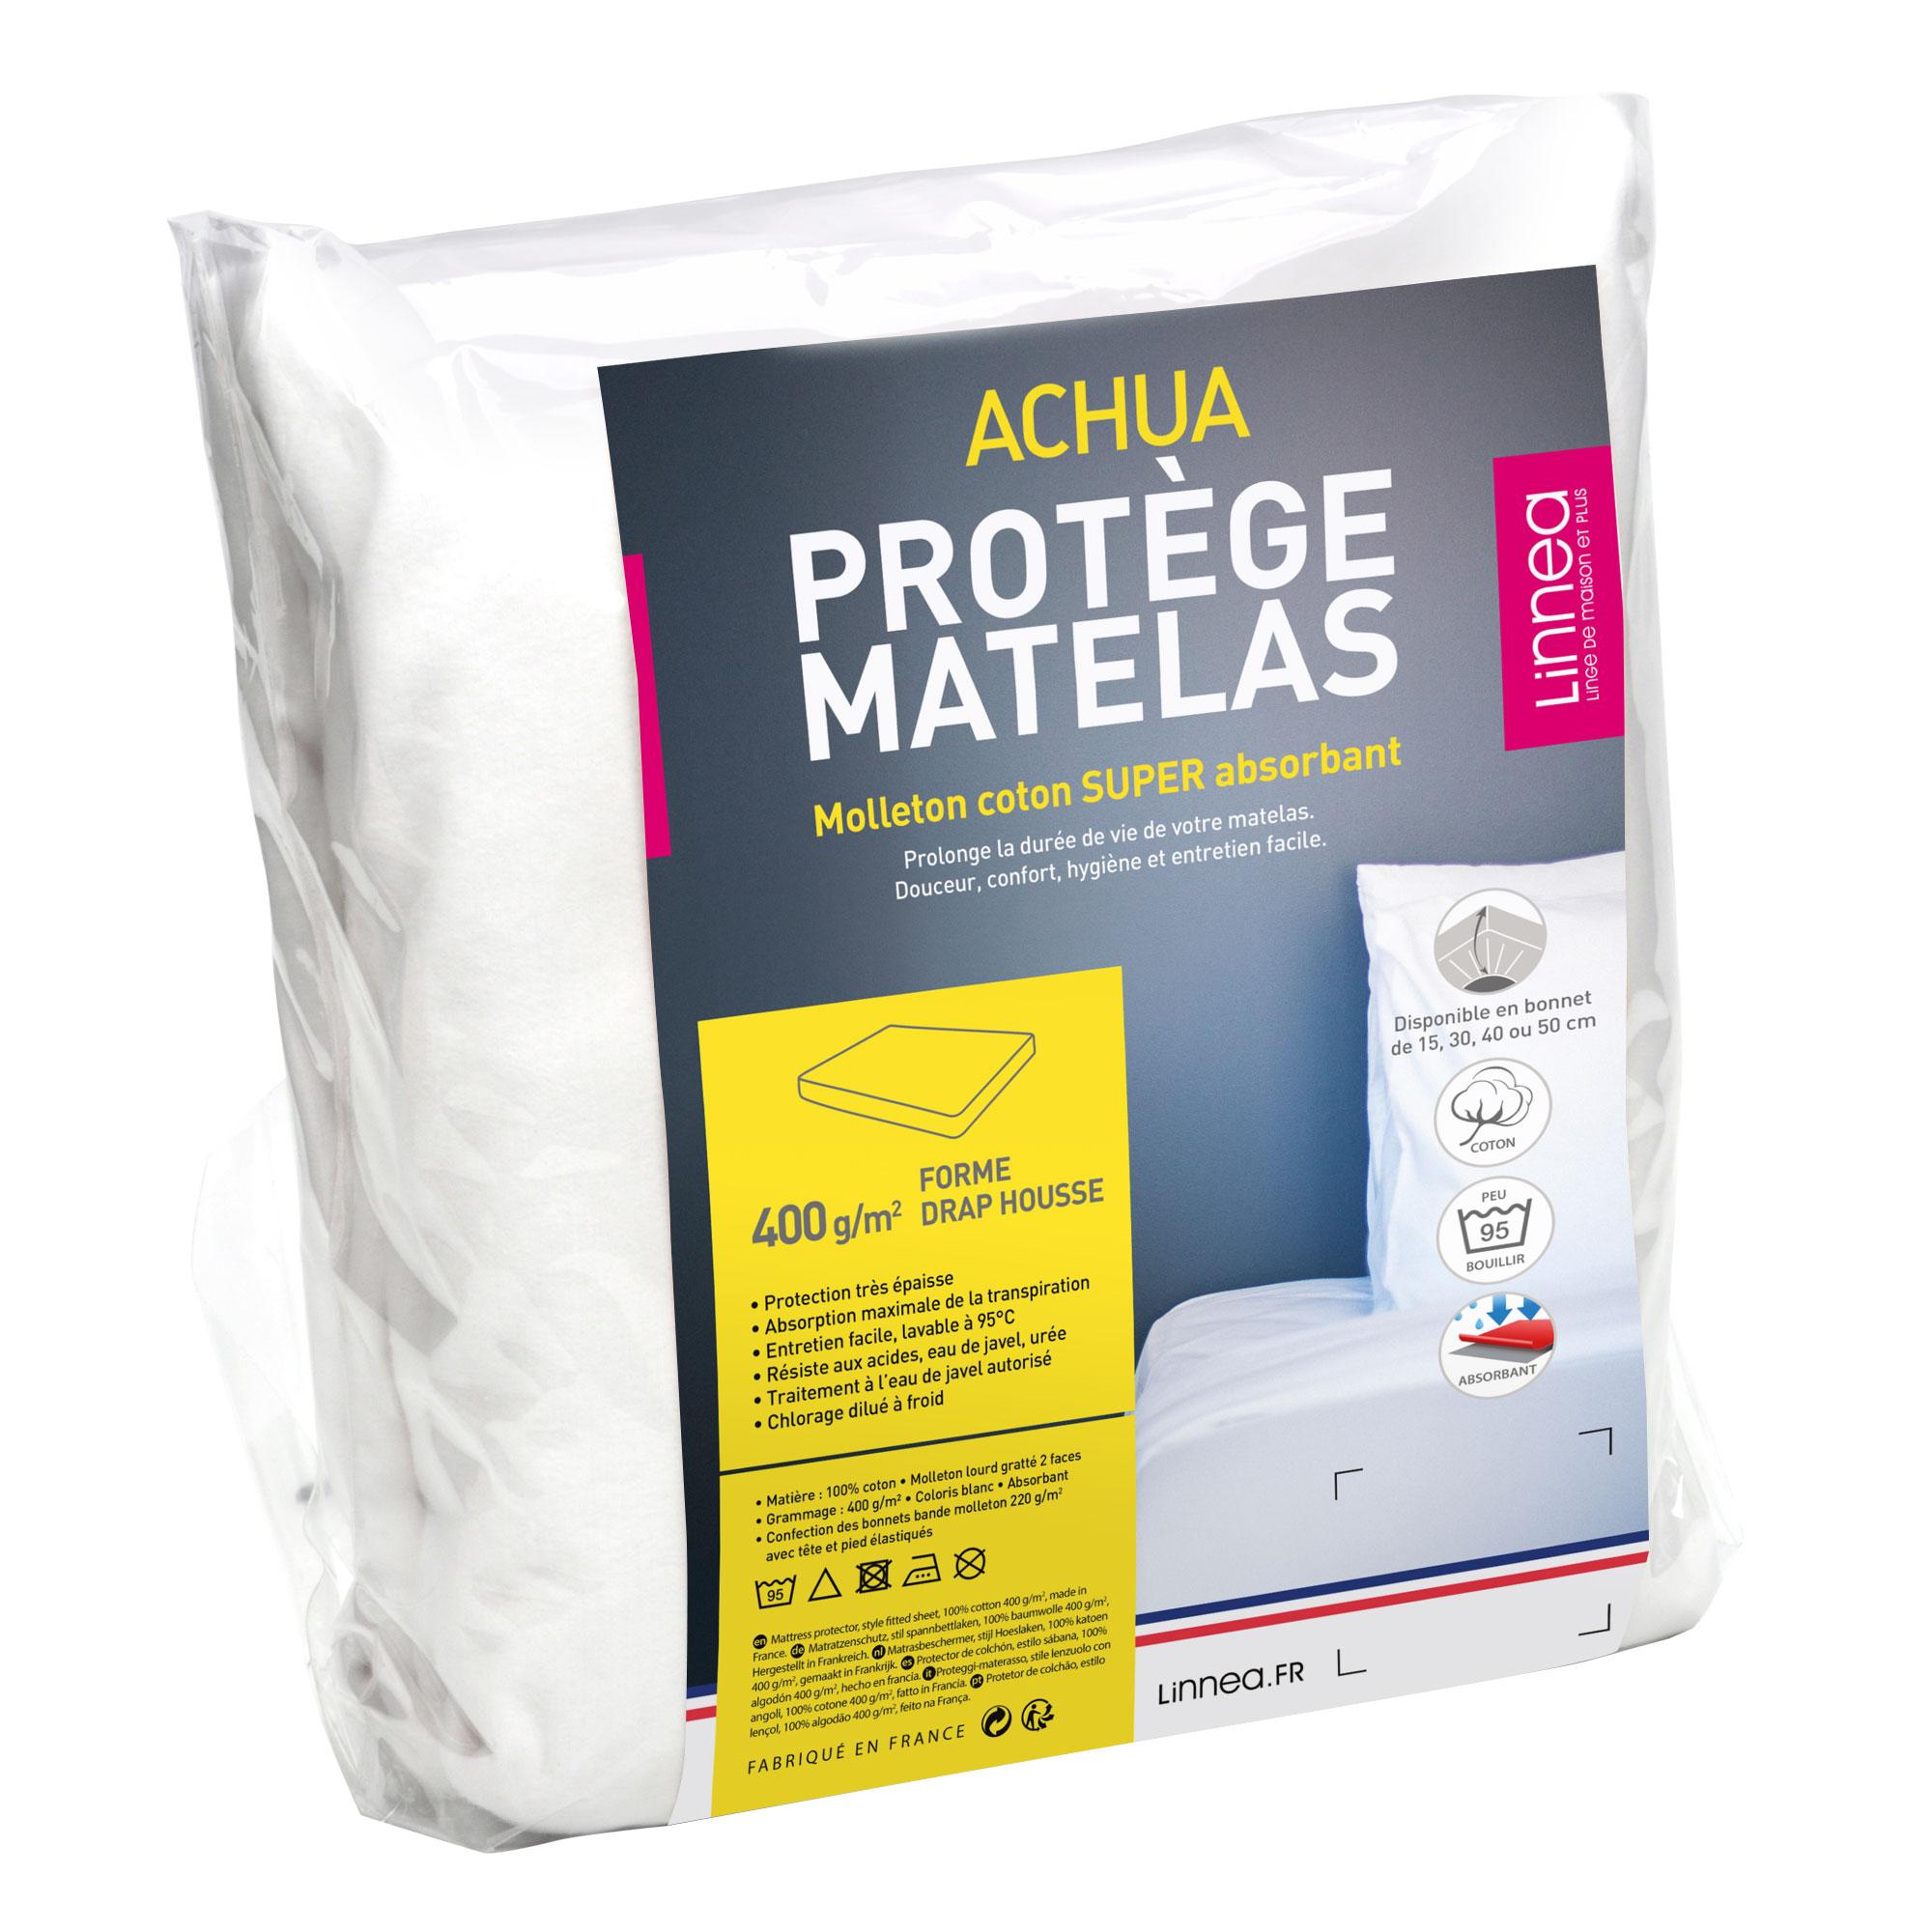 prot ge matelas 140x190 achua molleton 100 coton 400g m2 bonnet 30cm ebay. Black Bedroom Furniture Sets. Home Design Ideas